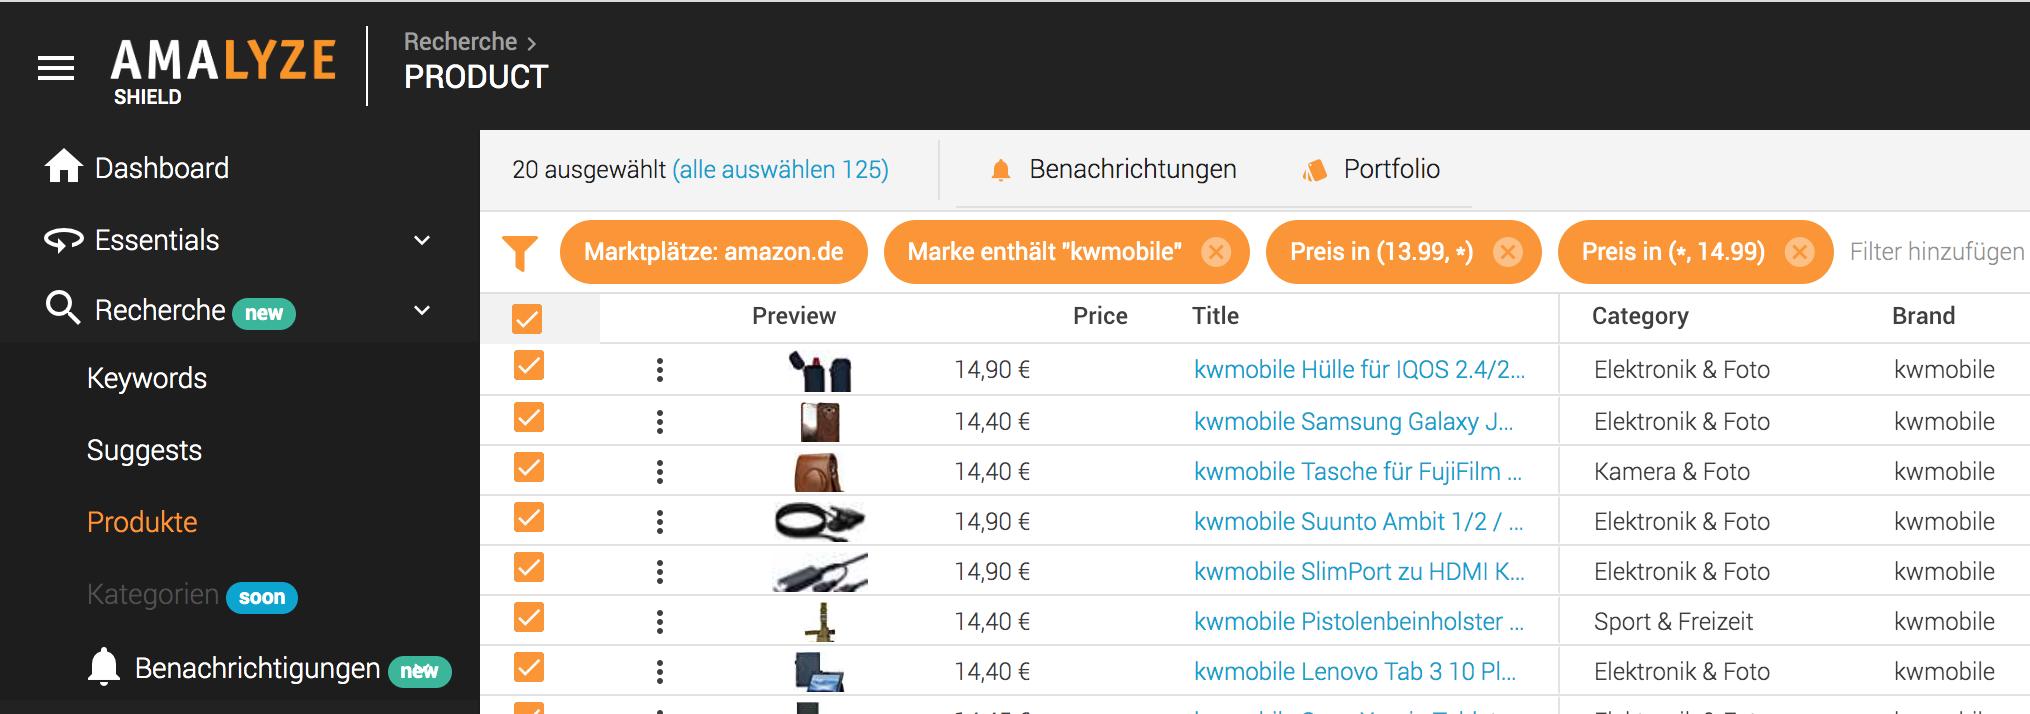 Notifications FAQ_Bulk Benachrichtigung_Auswahl Checkbox sichtbare Ergebnisse